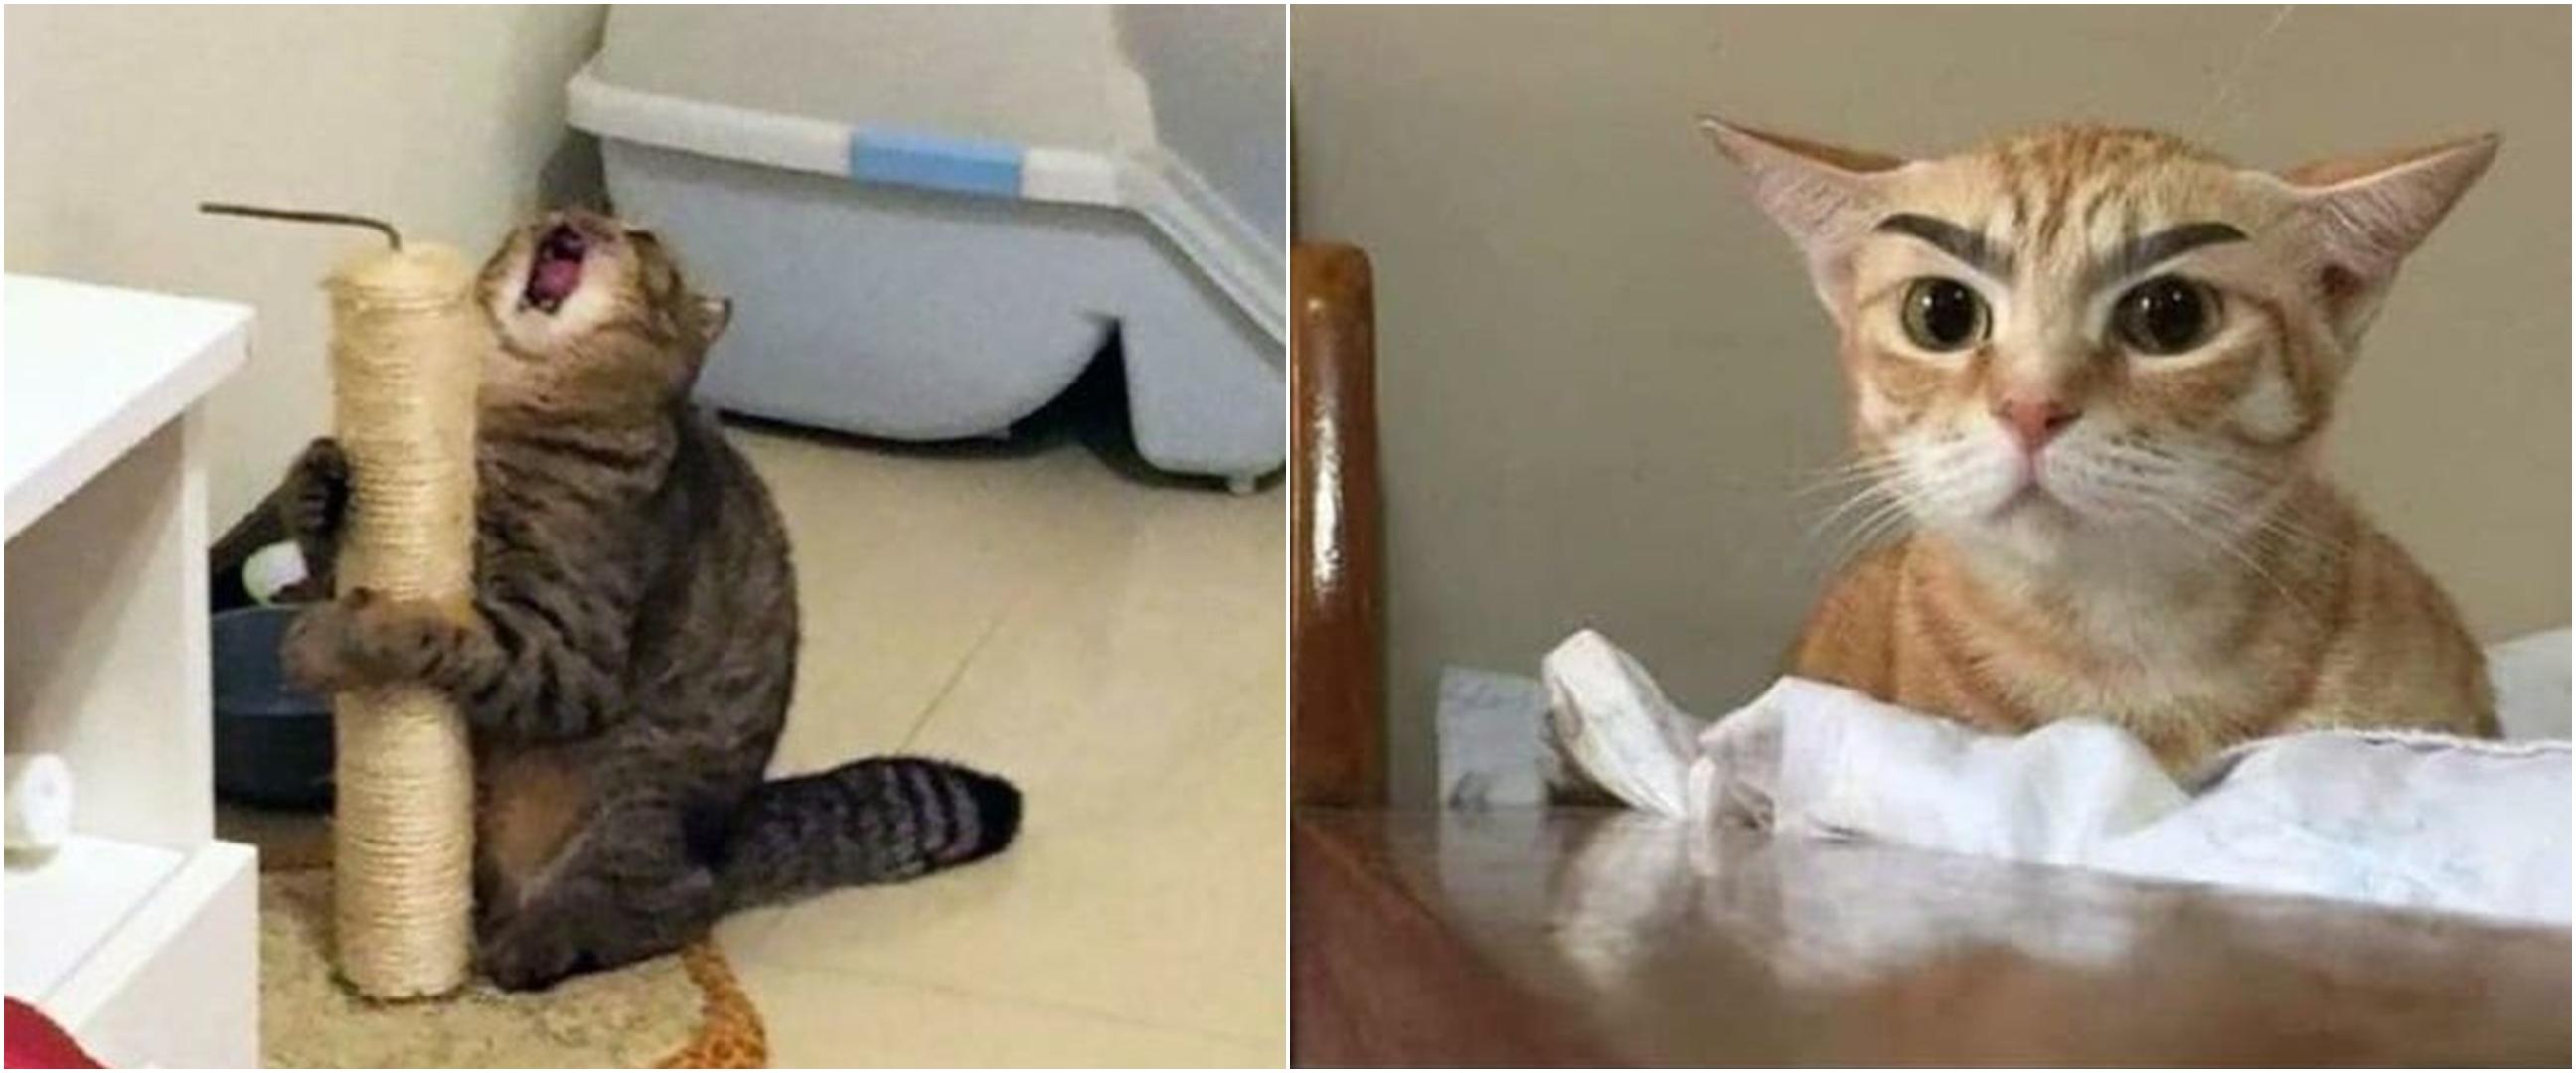 10 Status lucu WA kucing lagi kerja ini bikin gemas sambil cekikikan